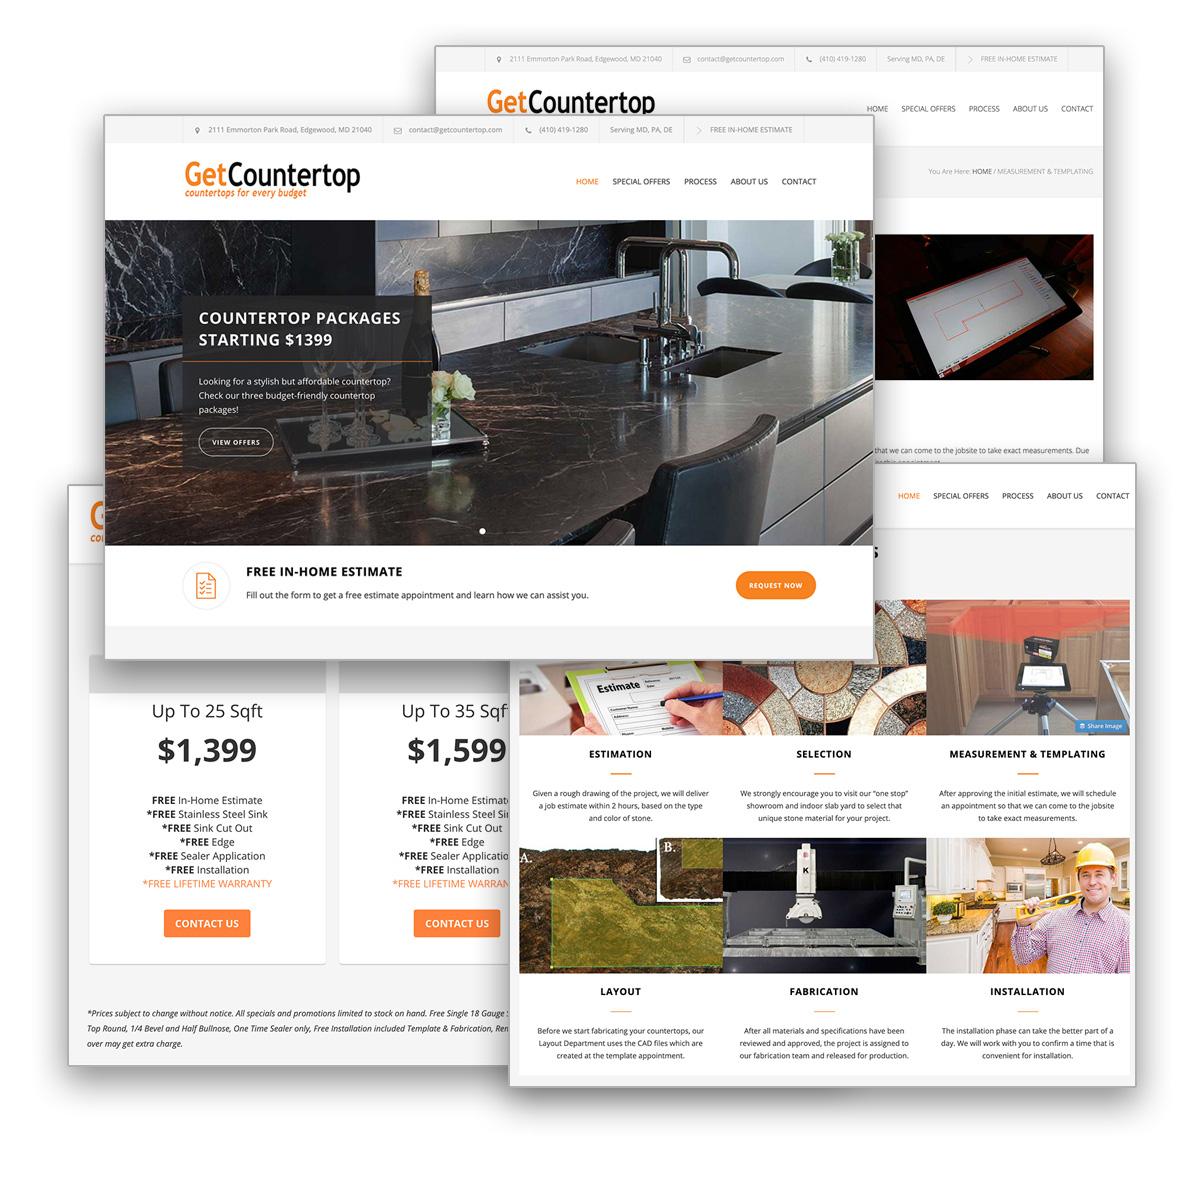 getcountertop website s